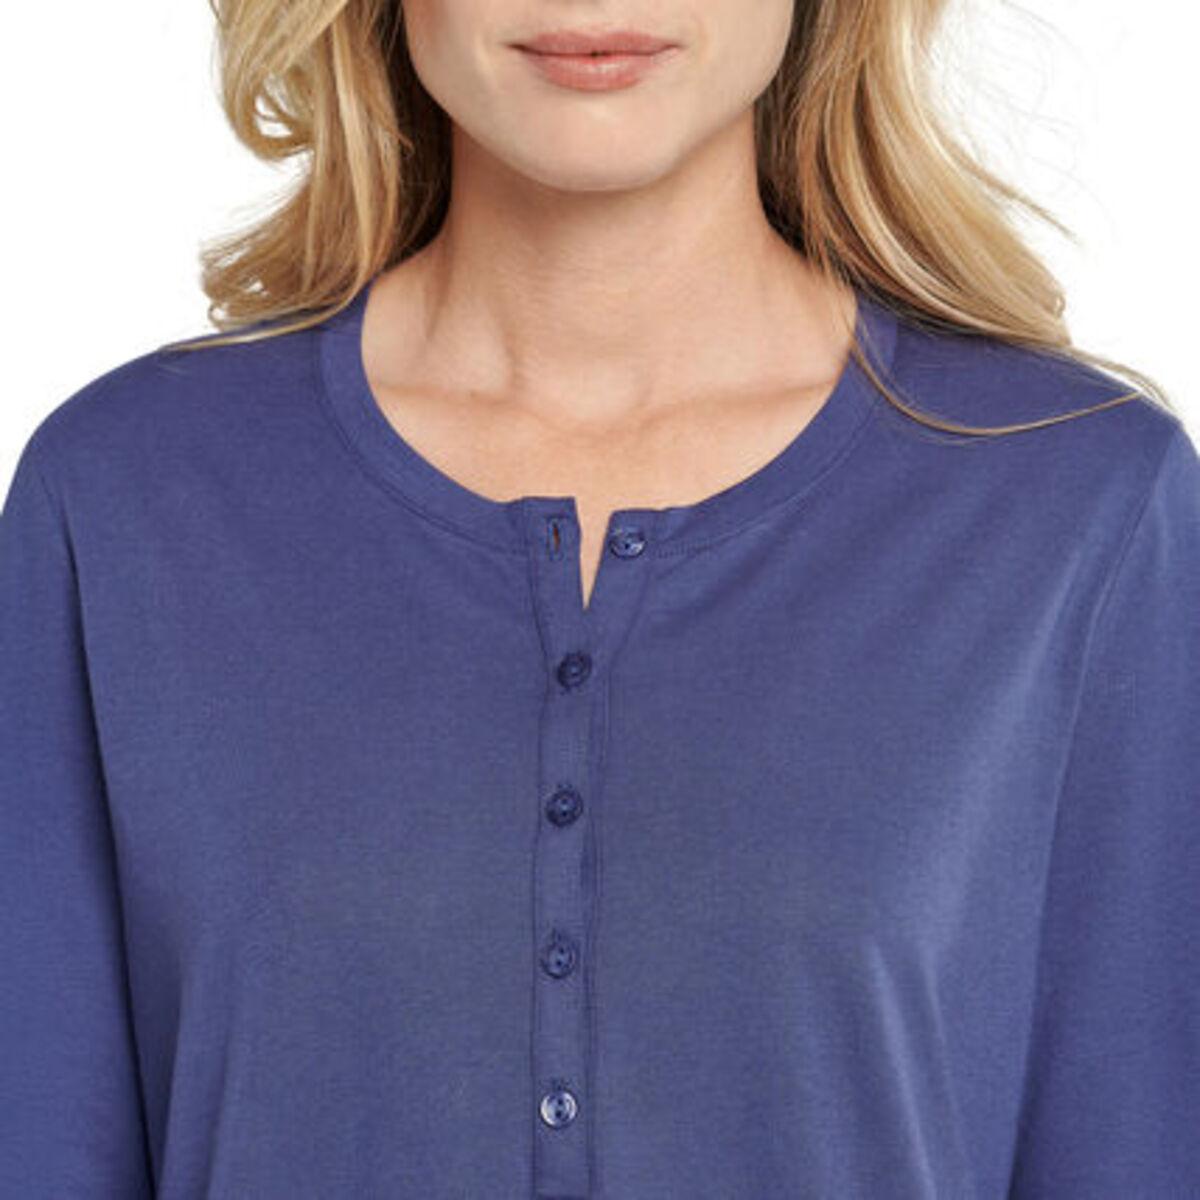 Bild 3 von Schiesser Schlafanzug, lang, Knopfleiste, für Damen